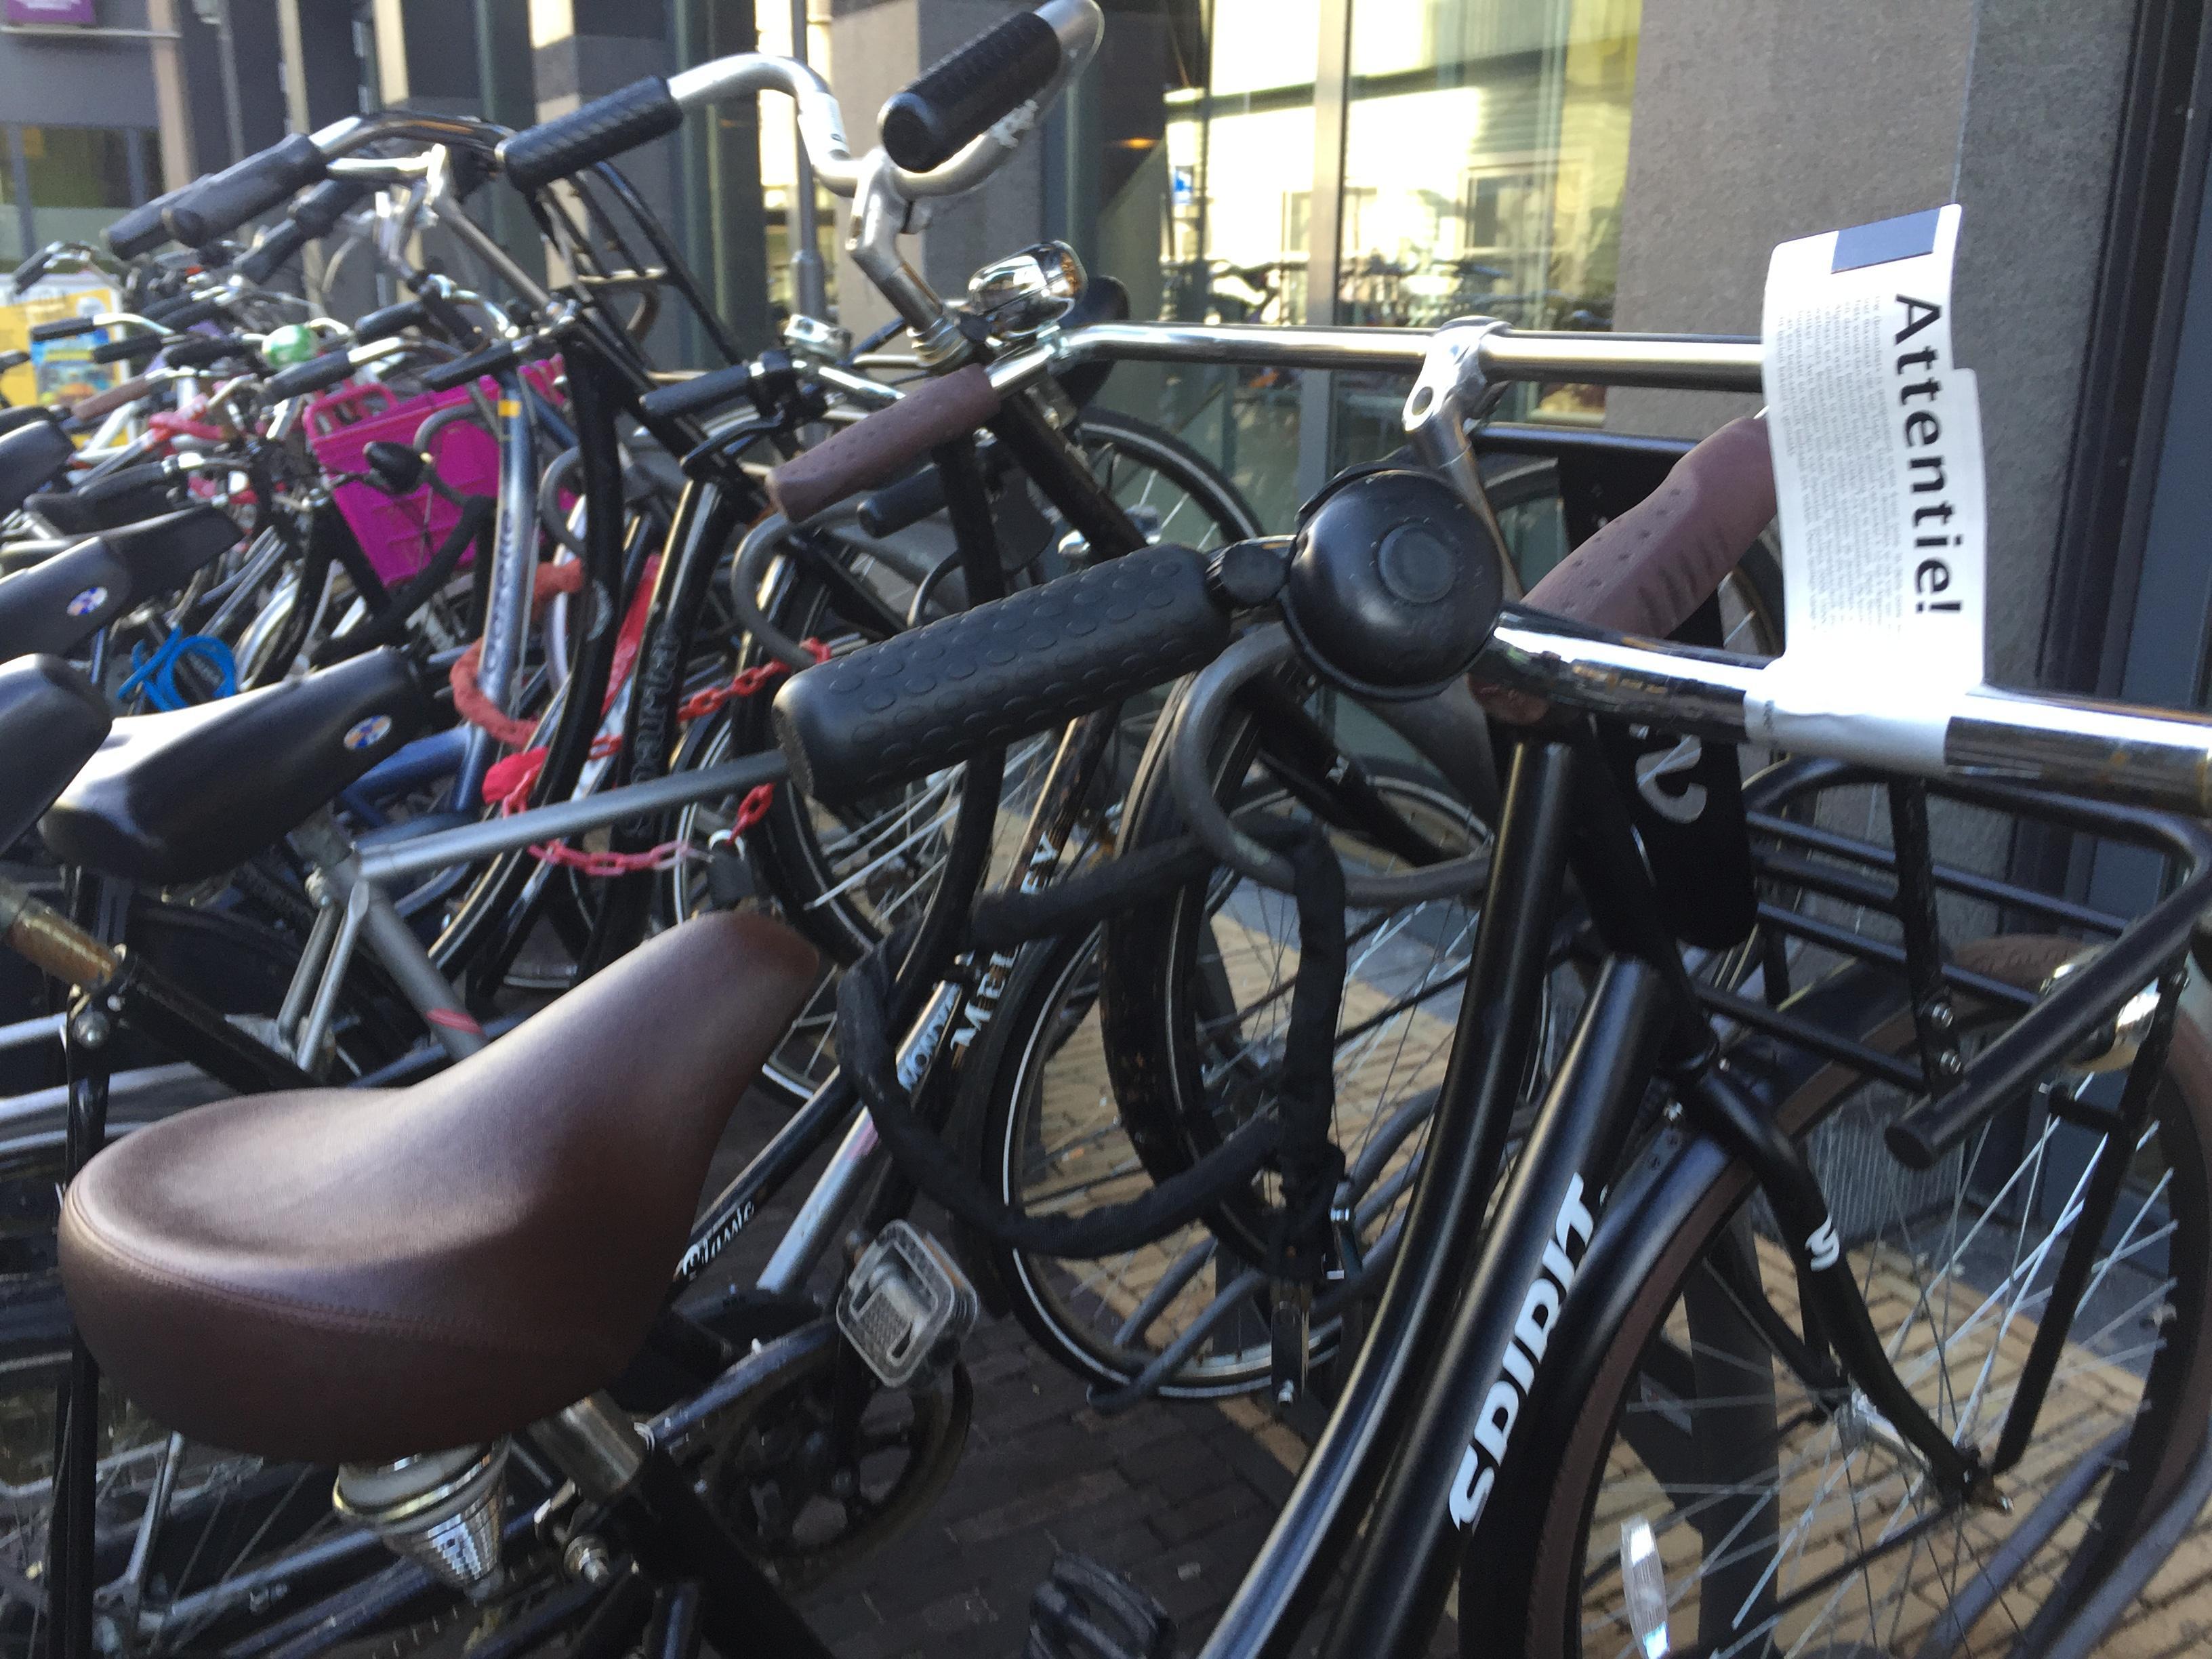 Attentie! Handhavers gemeente Zaanstad verwijderden tientallen fietsen